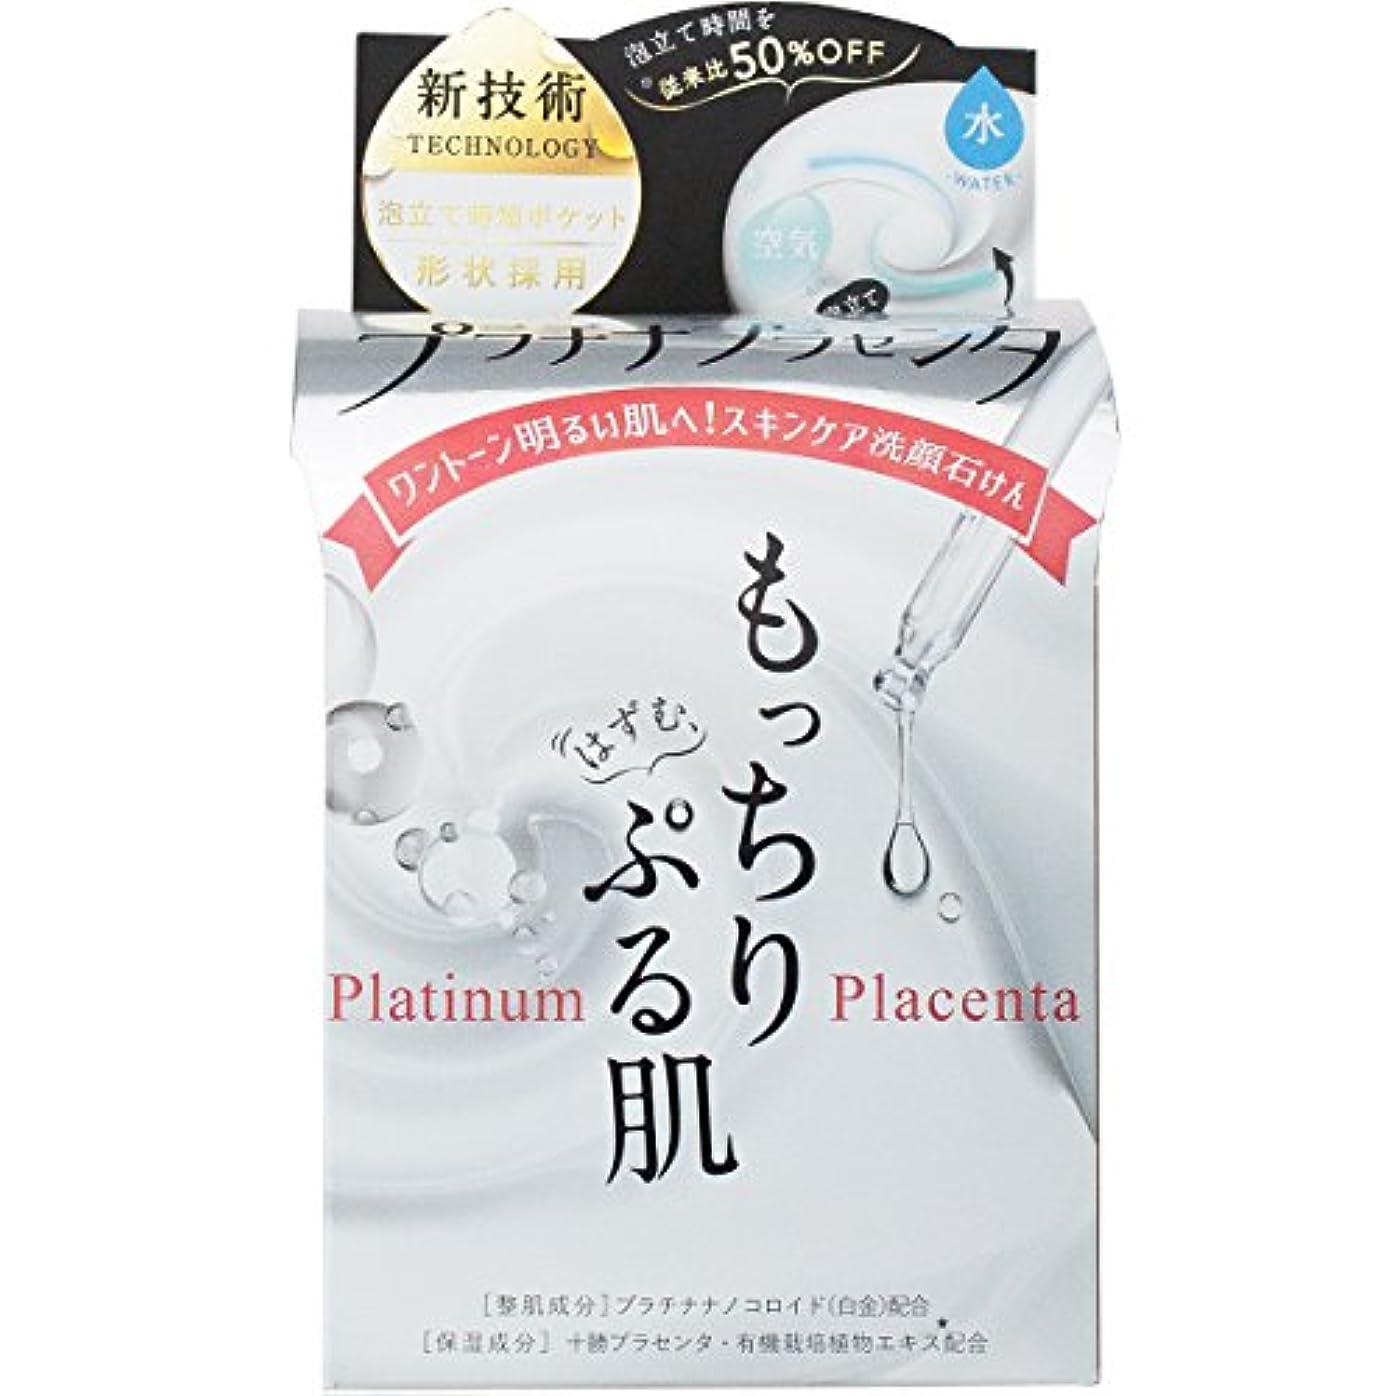 デコラティブそっとちょうつがい肌楽プラチナプラセンタ洗顔石鹸 60g